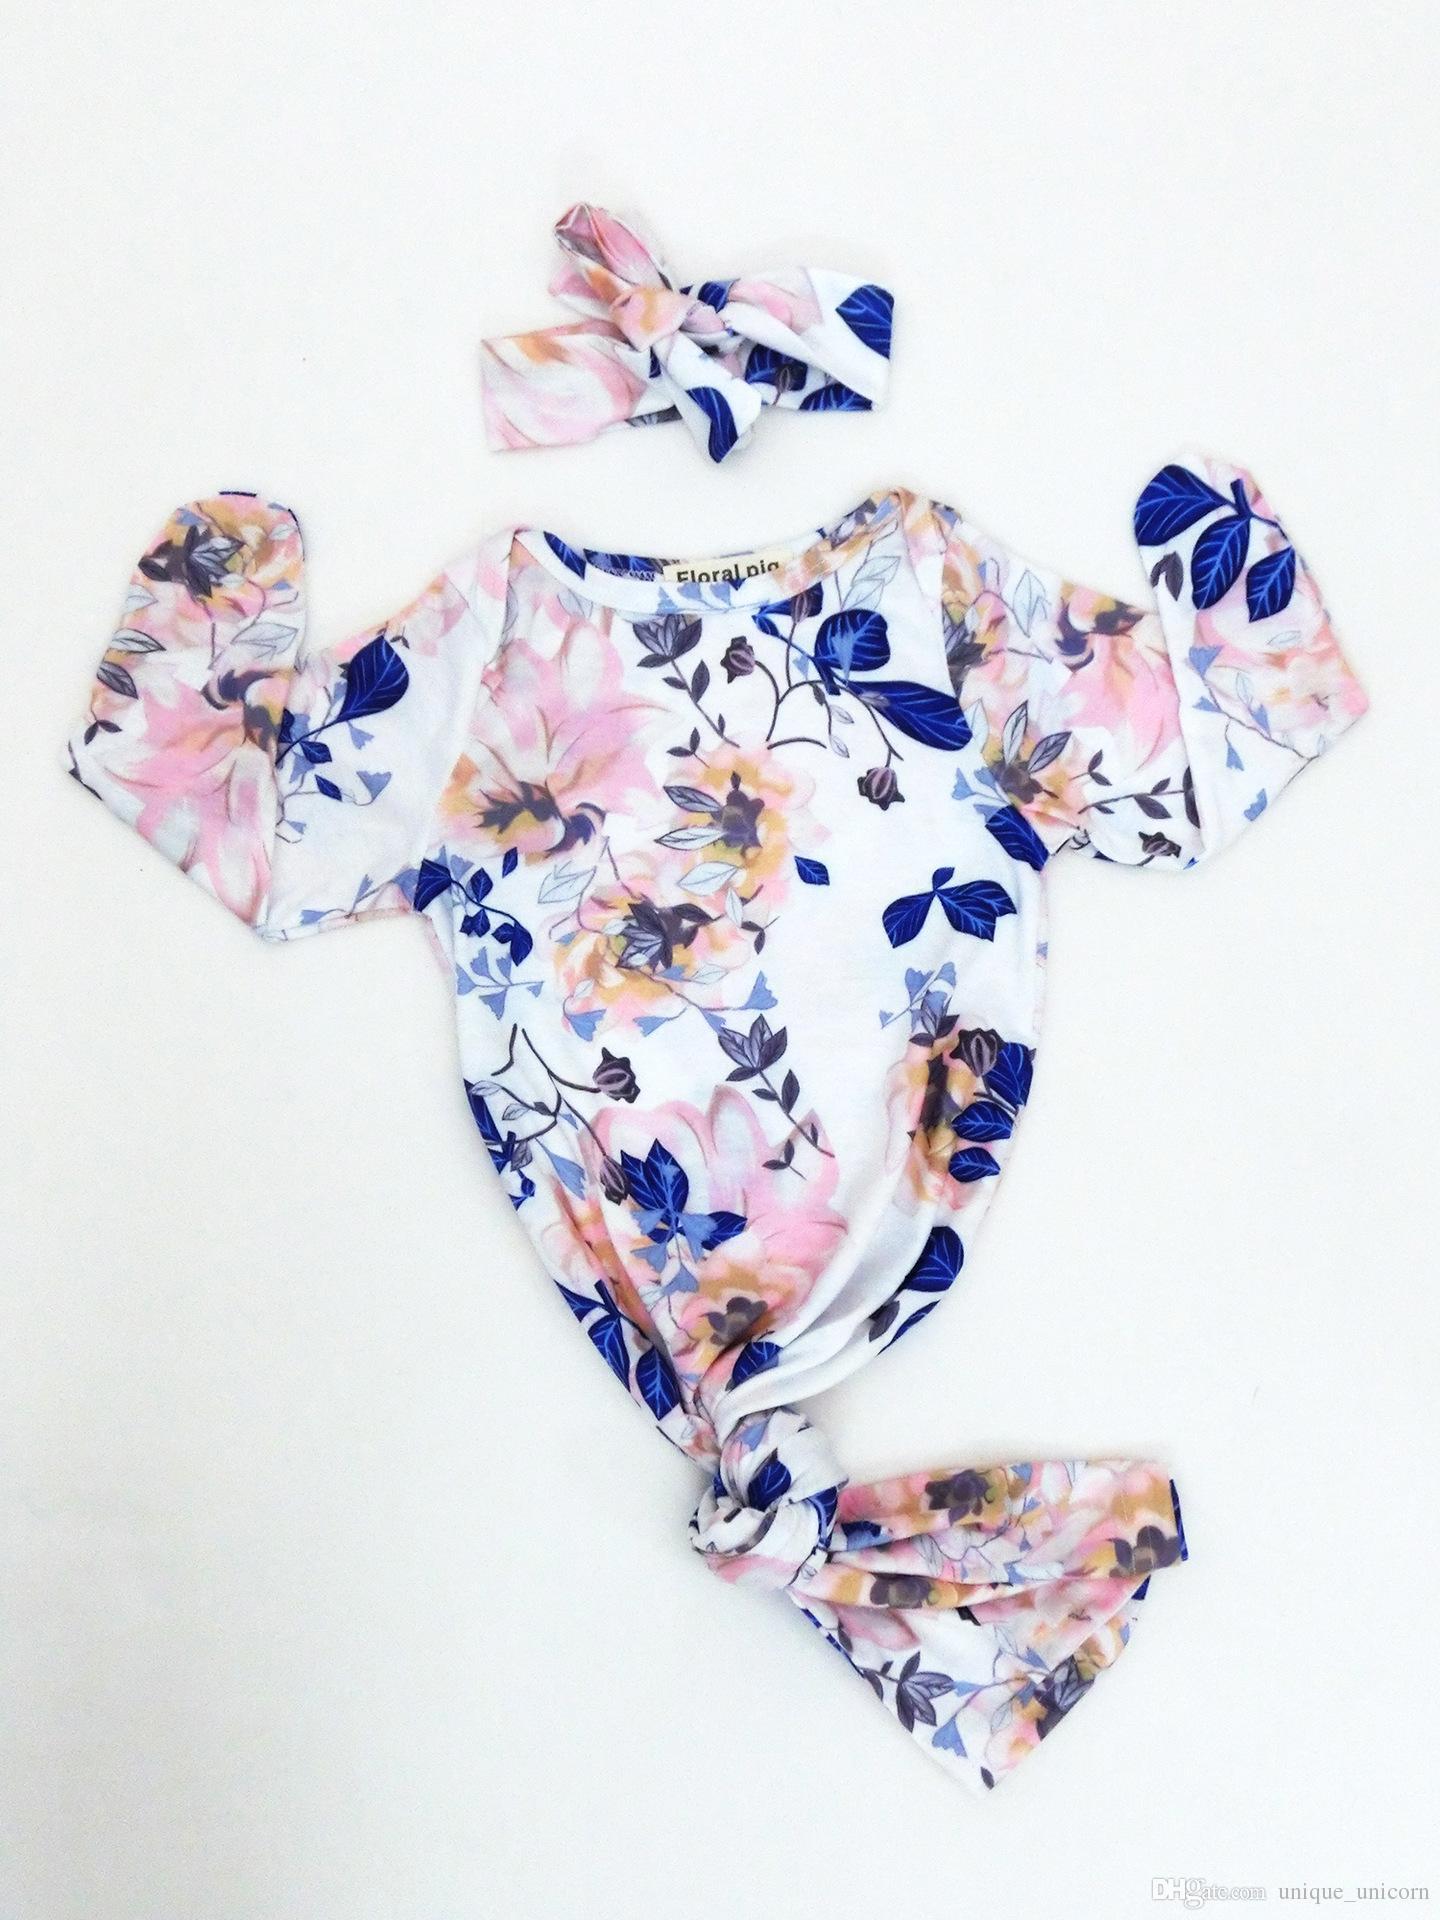 Bebek mavi çiçek noel için uyku tulumu fotoğraf bebek battaniye hediye setleri ile denizkızı şekil wrap kundak kafa bandı